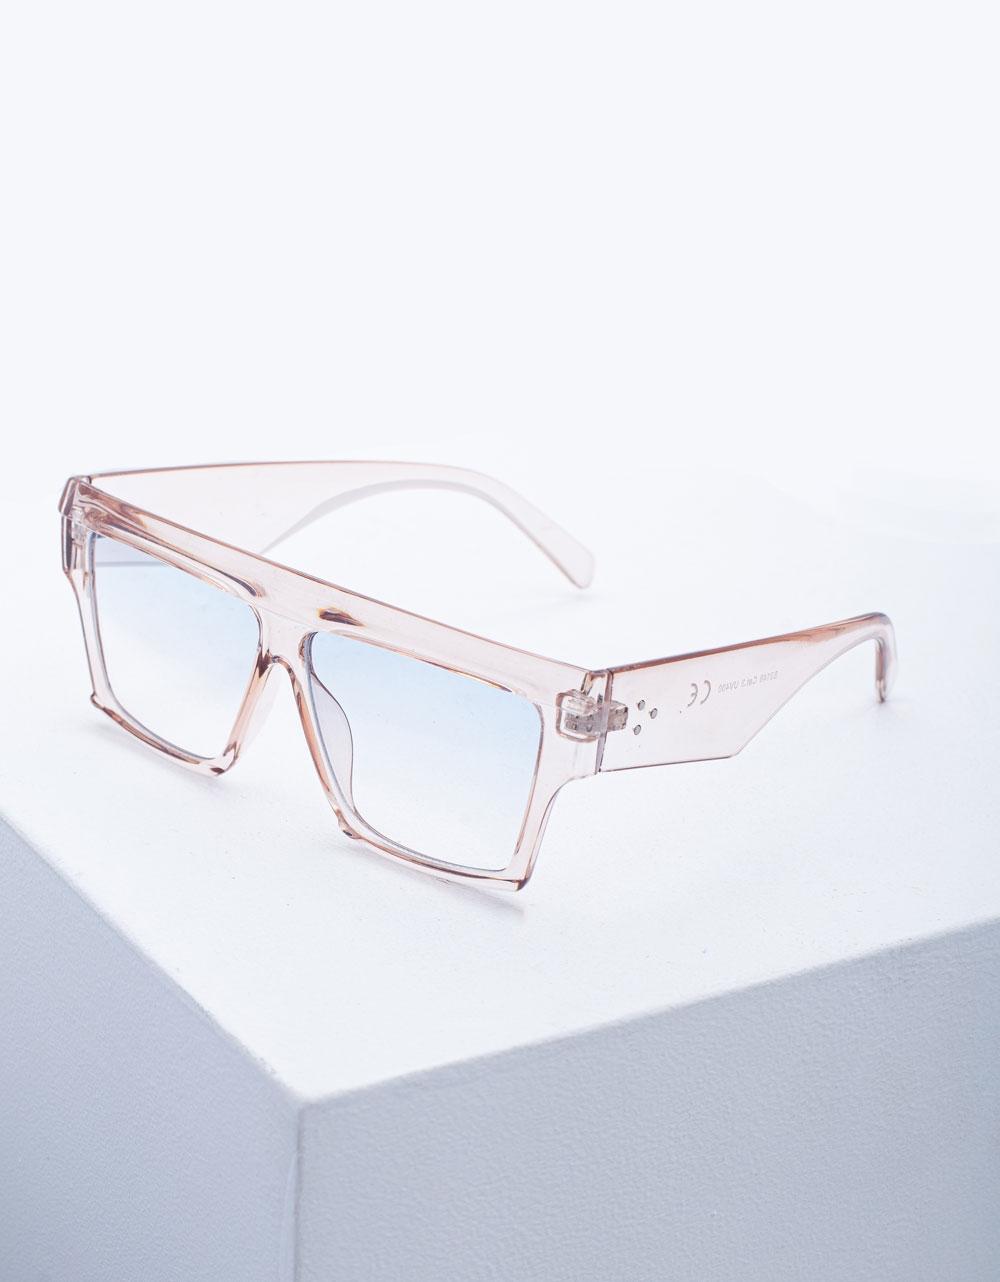 Εικόνα από Γυναικεία γυαλιά ηλίου σε τετράγωνο σχήμα Ροζ